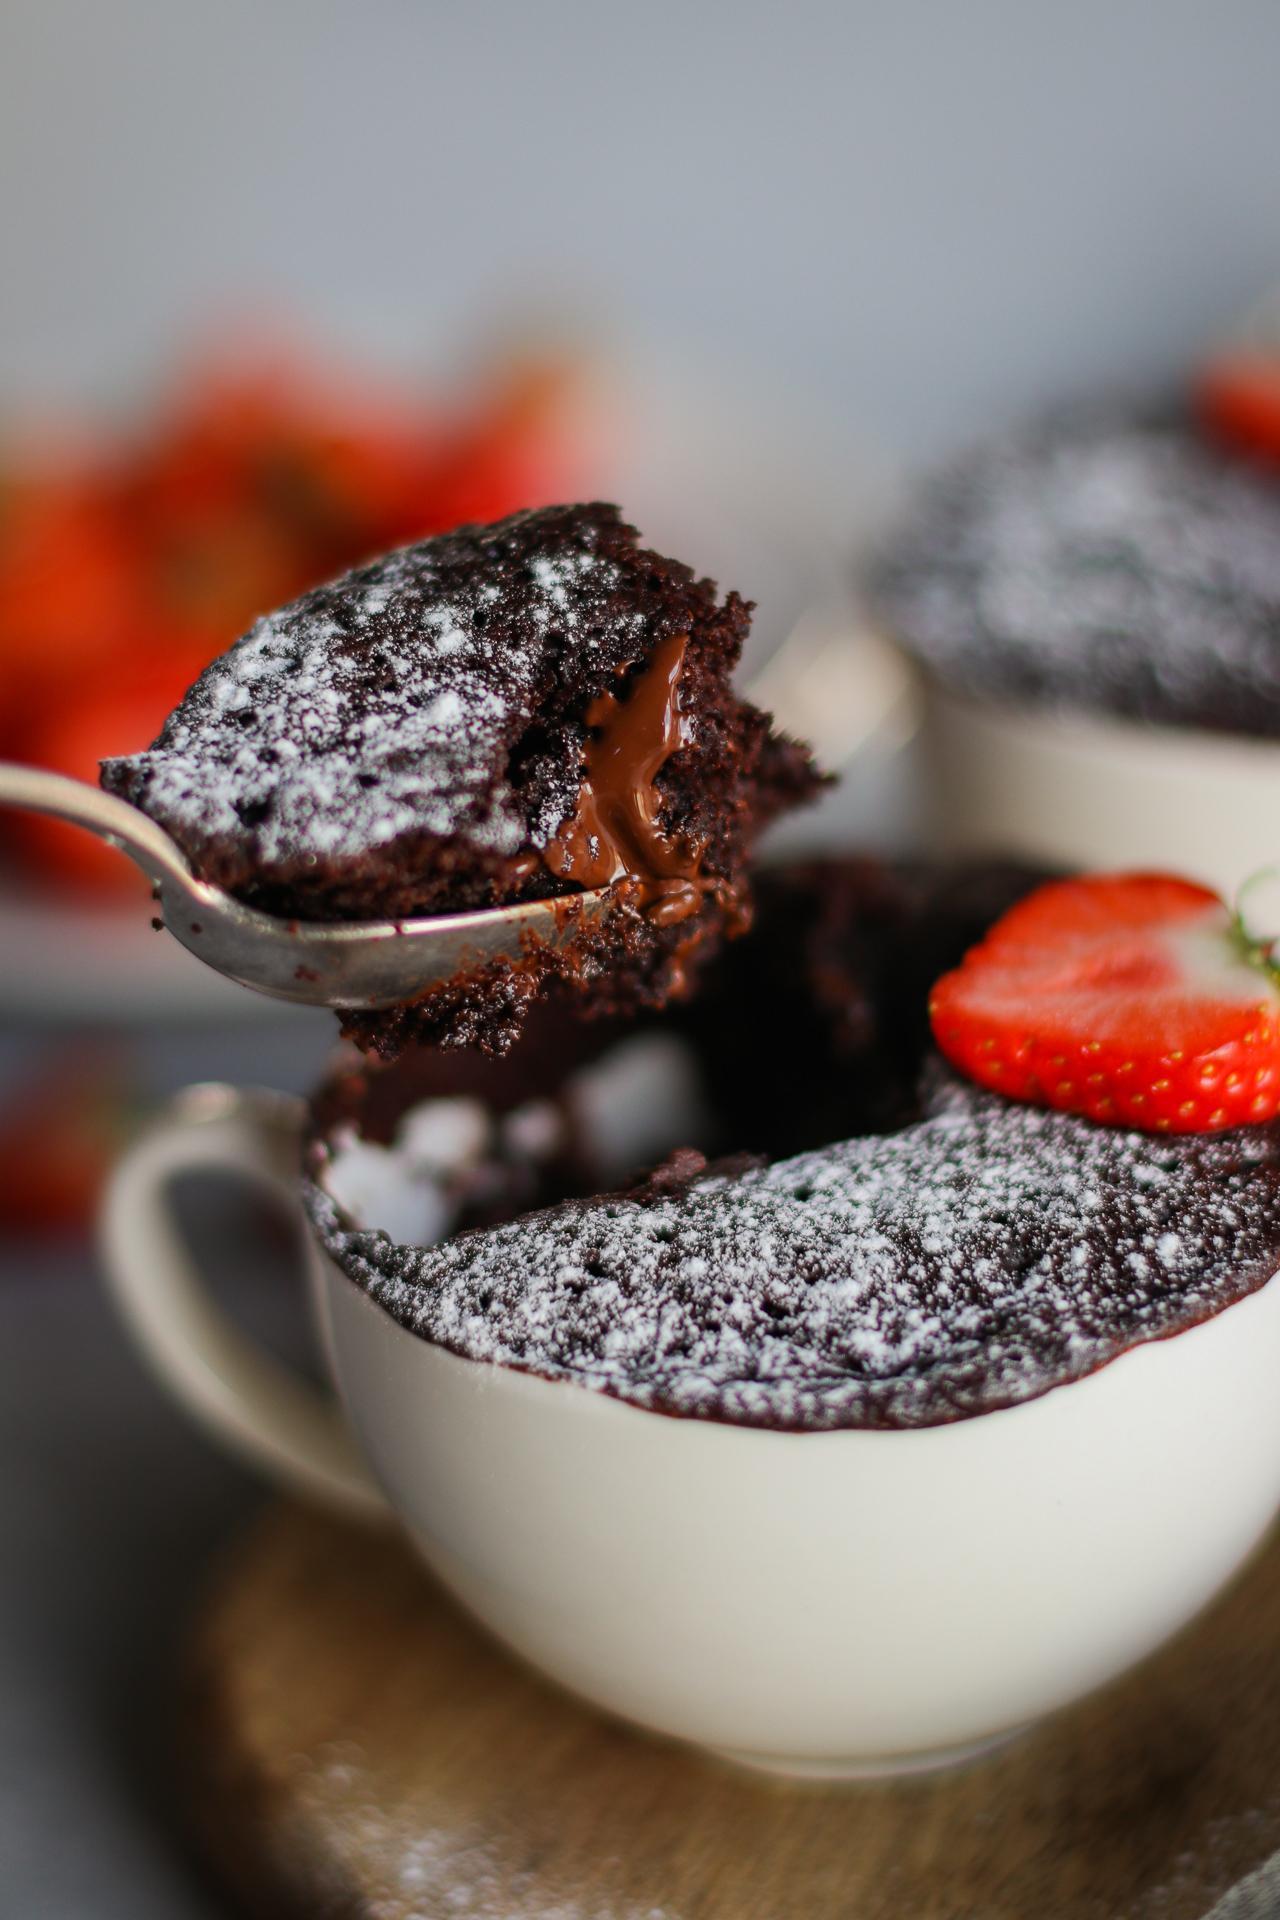 Main image of Double Chocolate Mug Cake